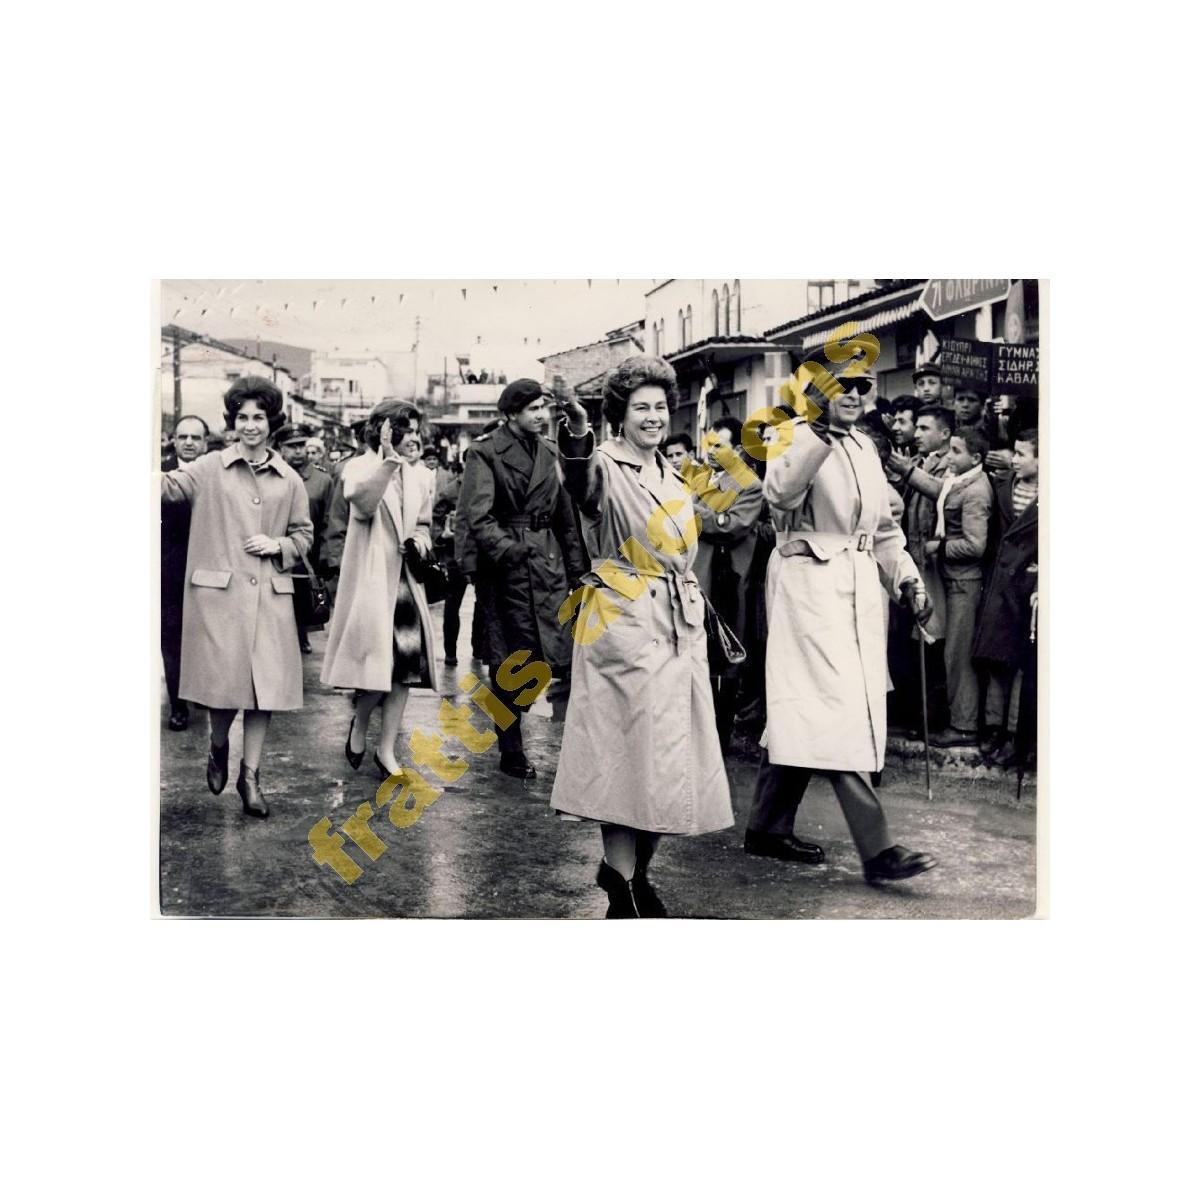 Φωτογραφία της Βασιλικής οικογένειας της Ελλάδας, 1960 ς.